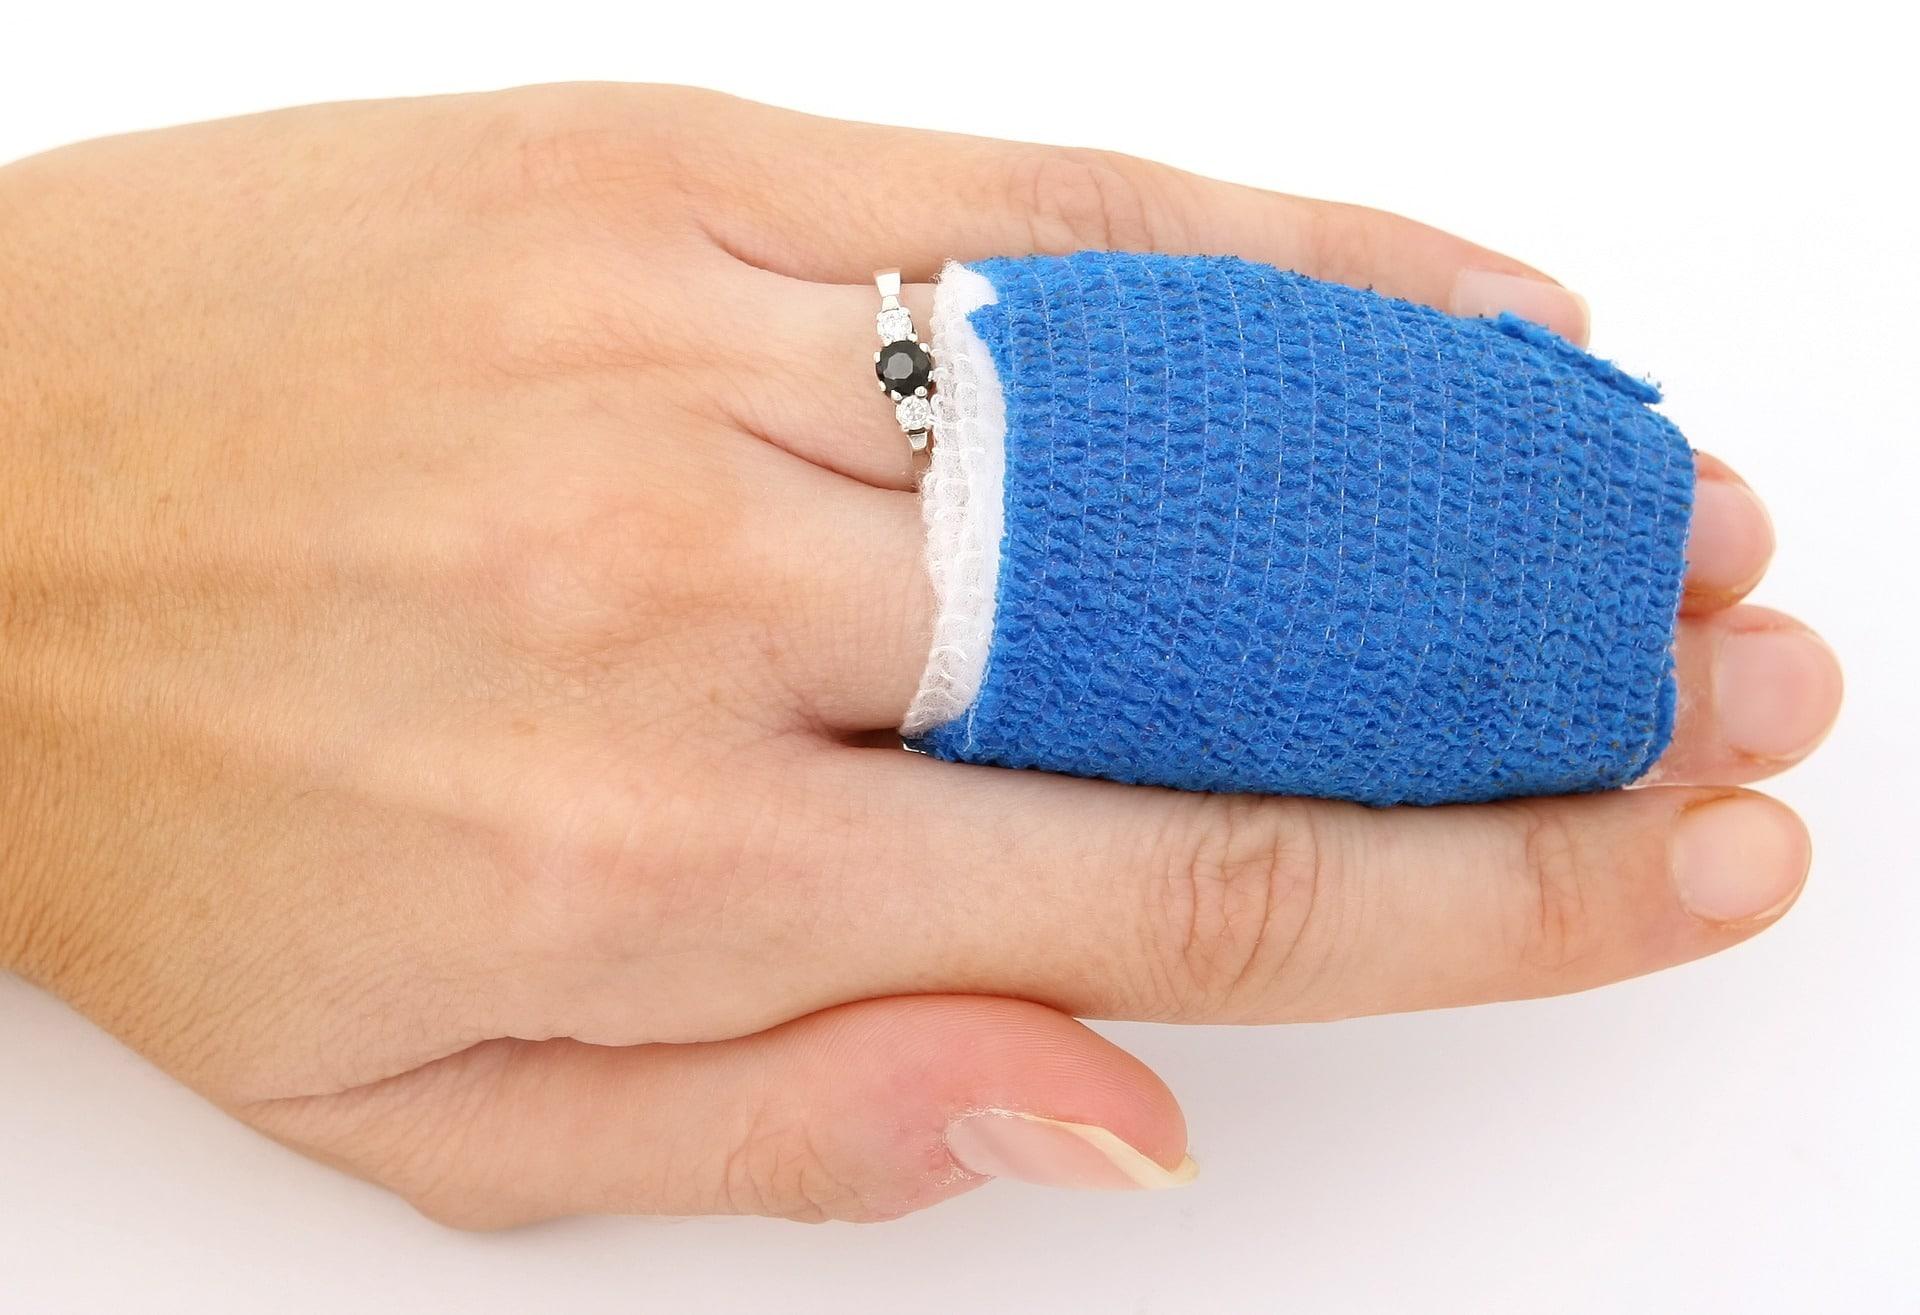 verletzte Finger eingebunden